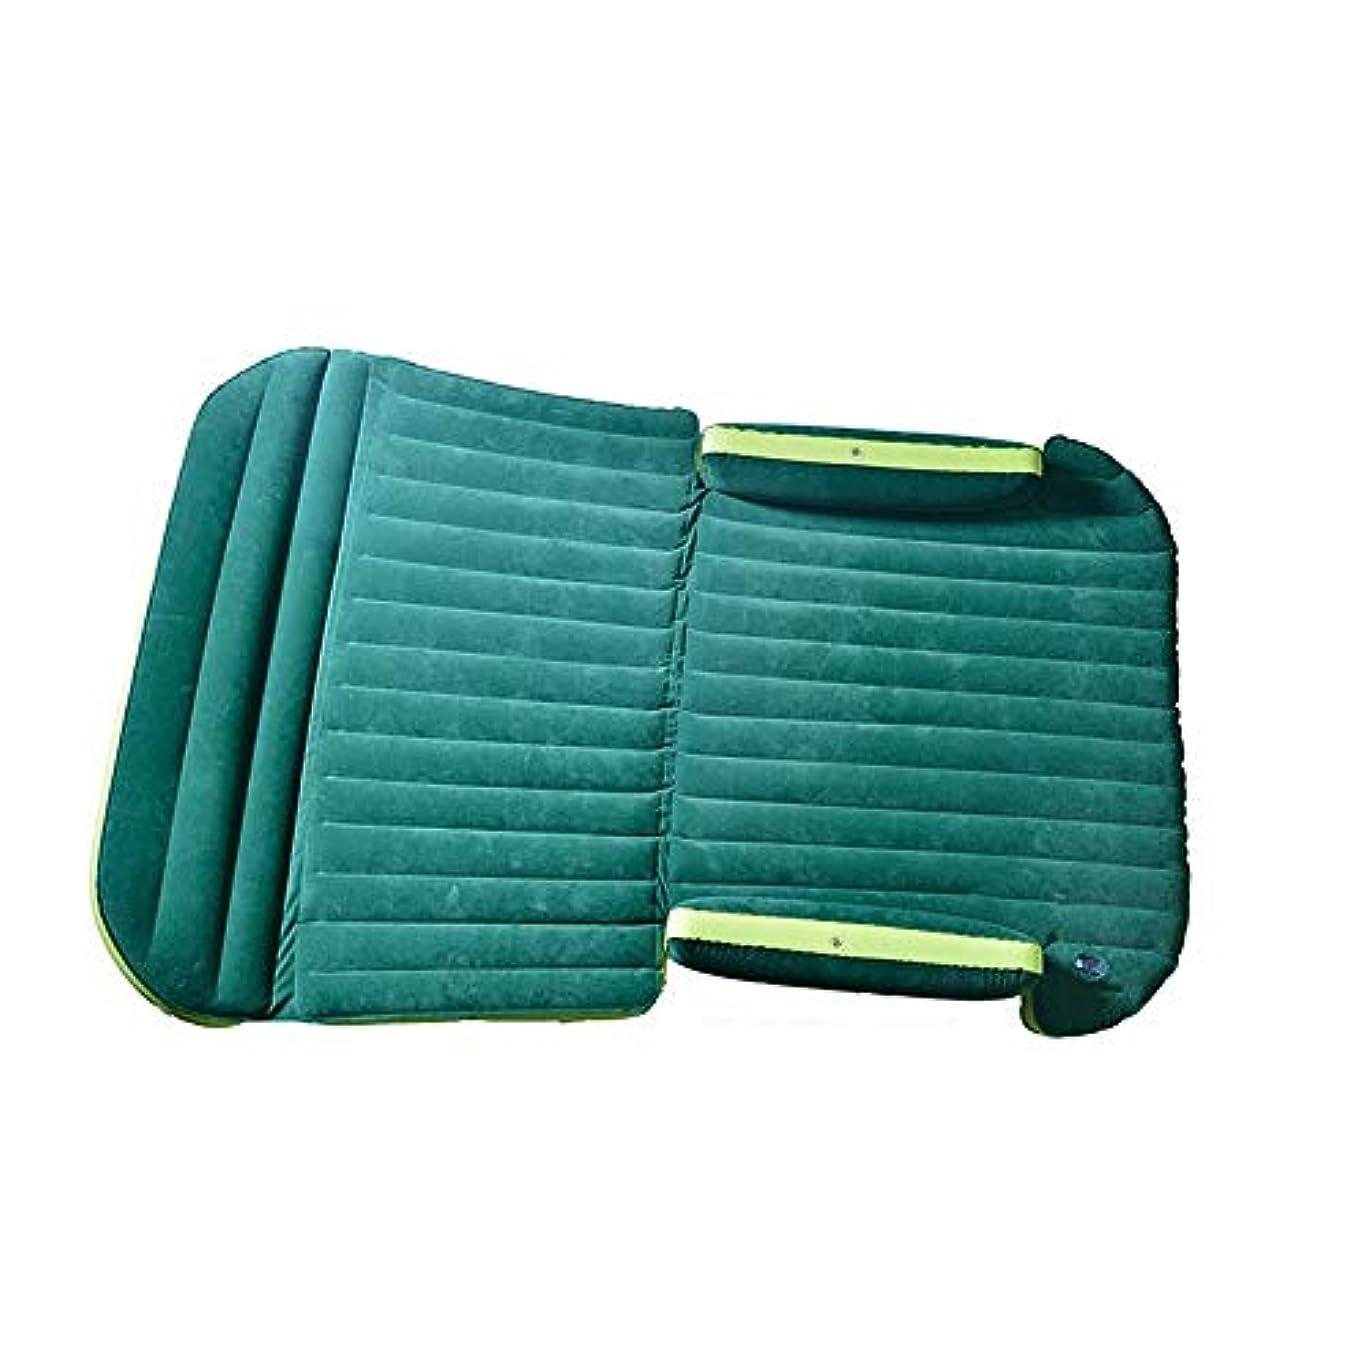 カビタクシーピッチャー屋外リクライニングチェアアームチェアの良い選択 屋外旅行パボーニ車インフレータブルエアキャンプマットレスパッド - ミニバン - クイックインフレ/デフレ - 耐久性と快適 (色 : 緑, サイズ : 190*130cm)